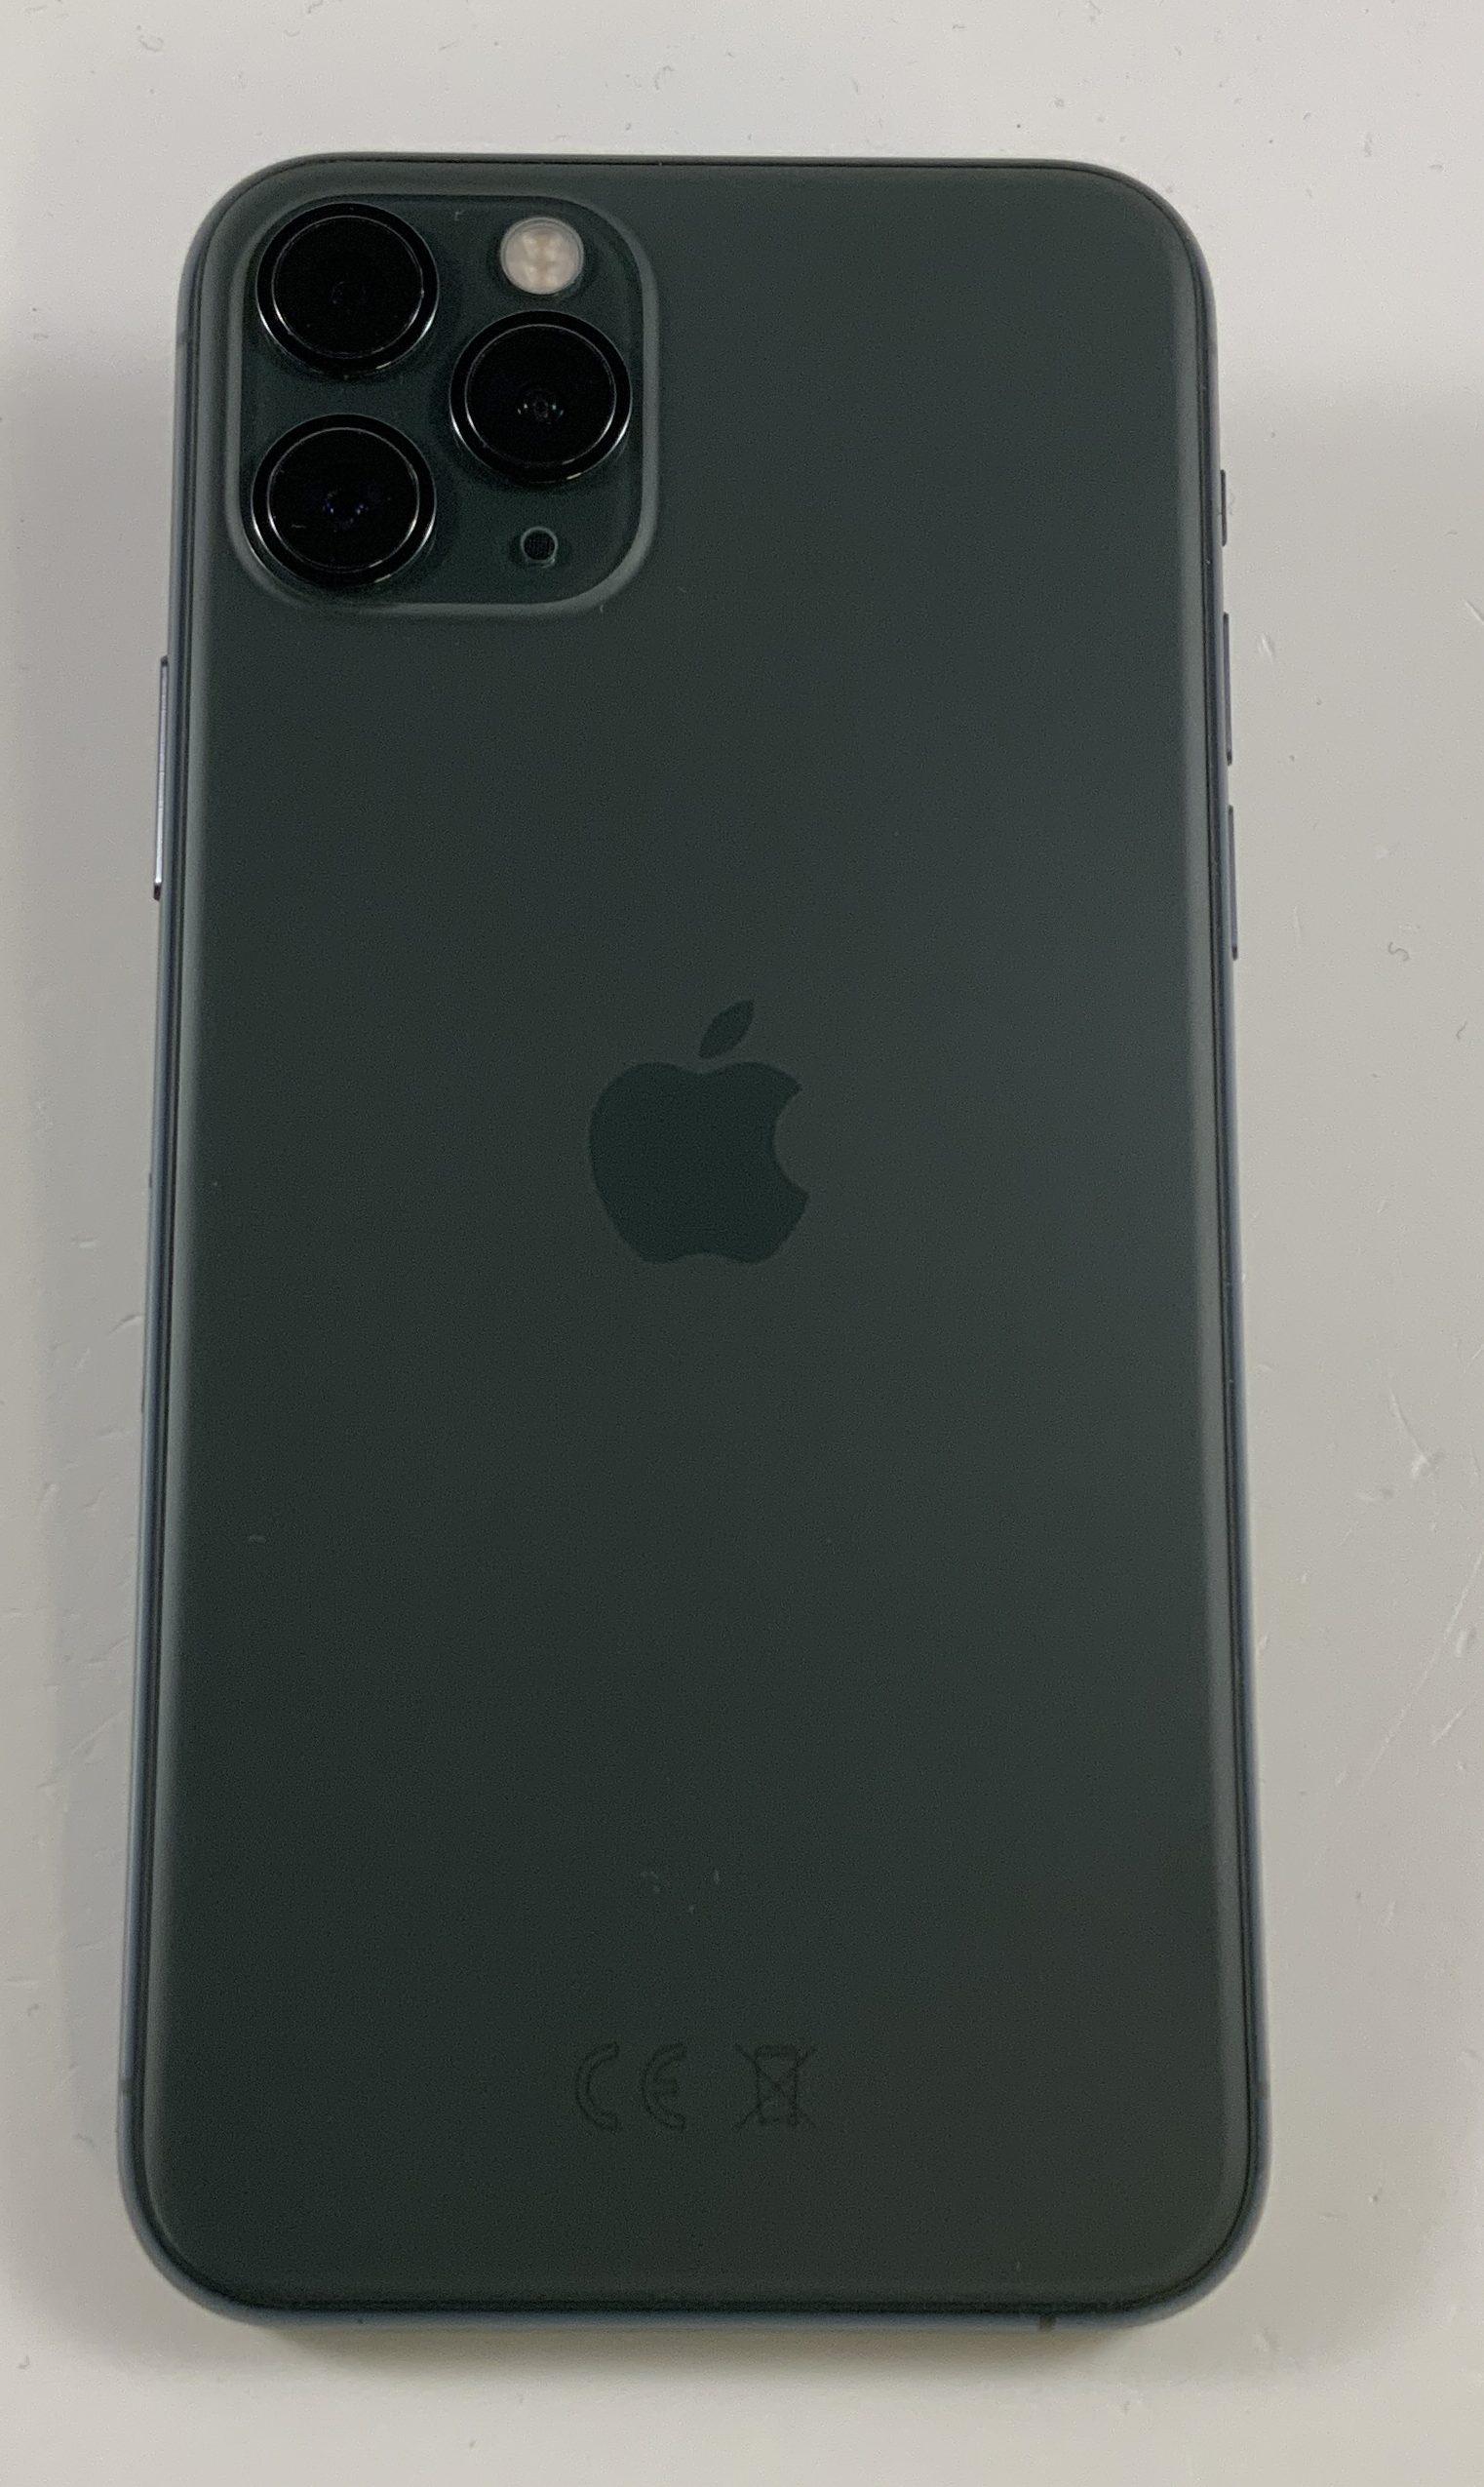 iPhone 11 Pro 64GB, 64GB, Midnight Green, obraz 2